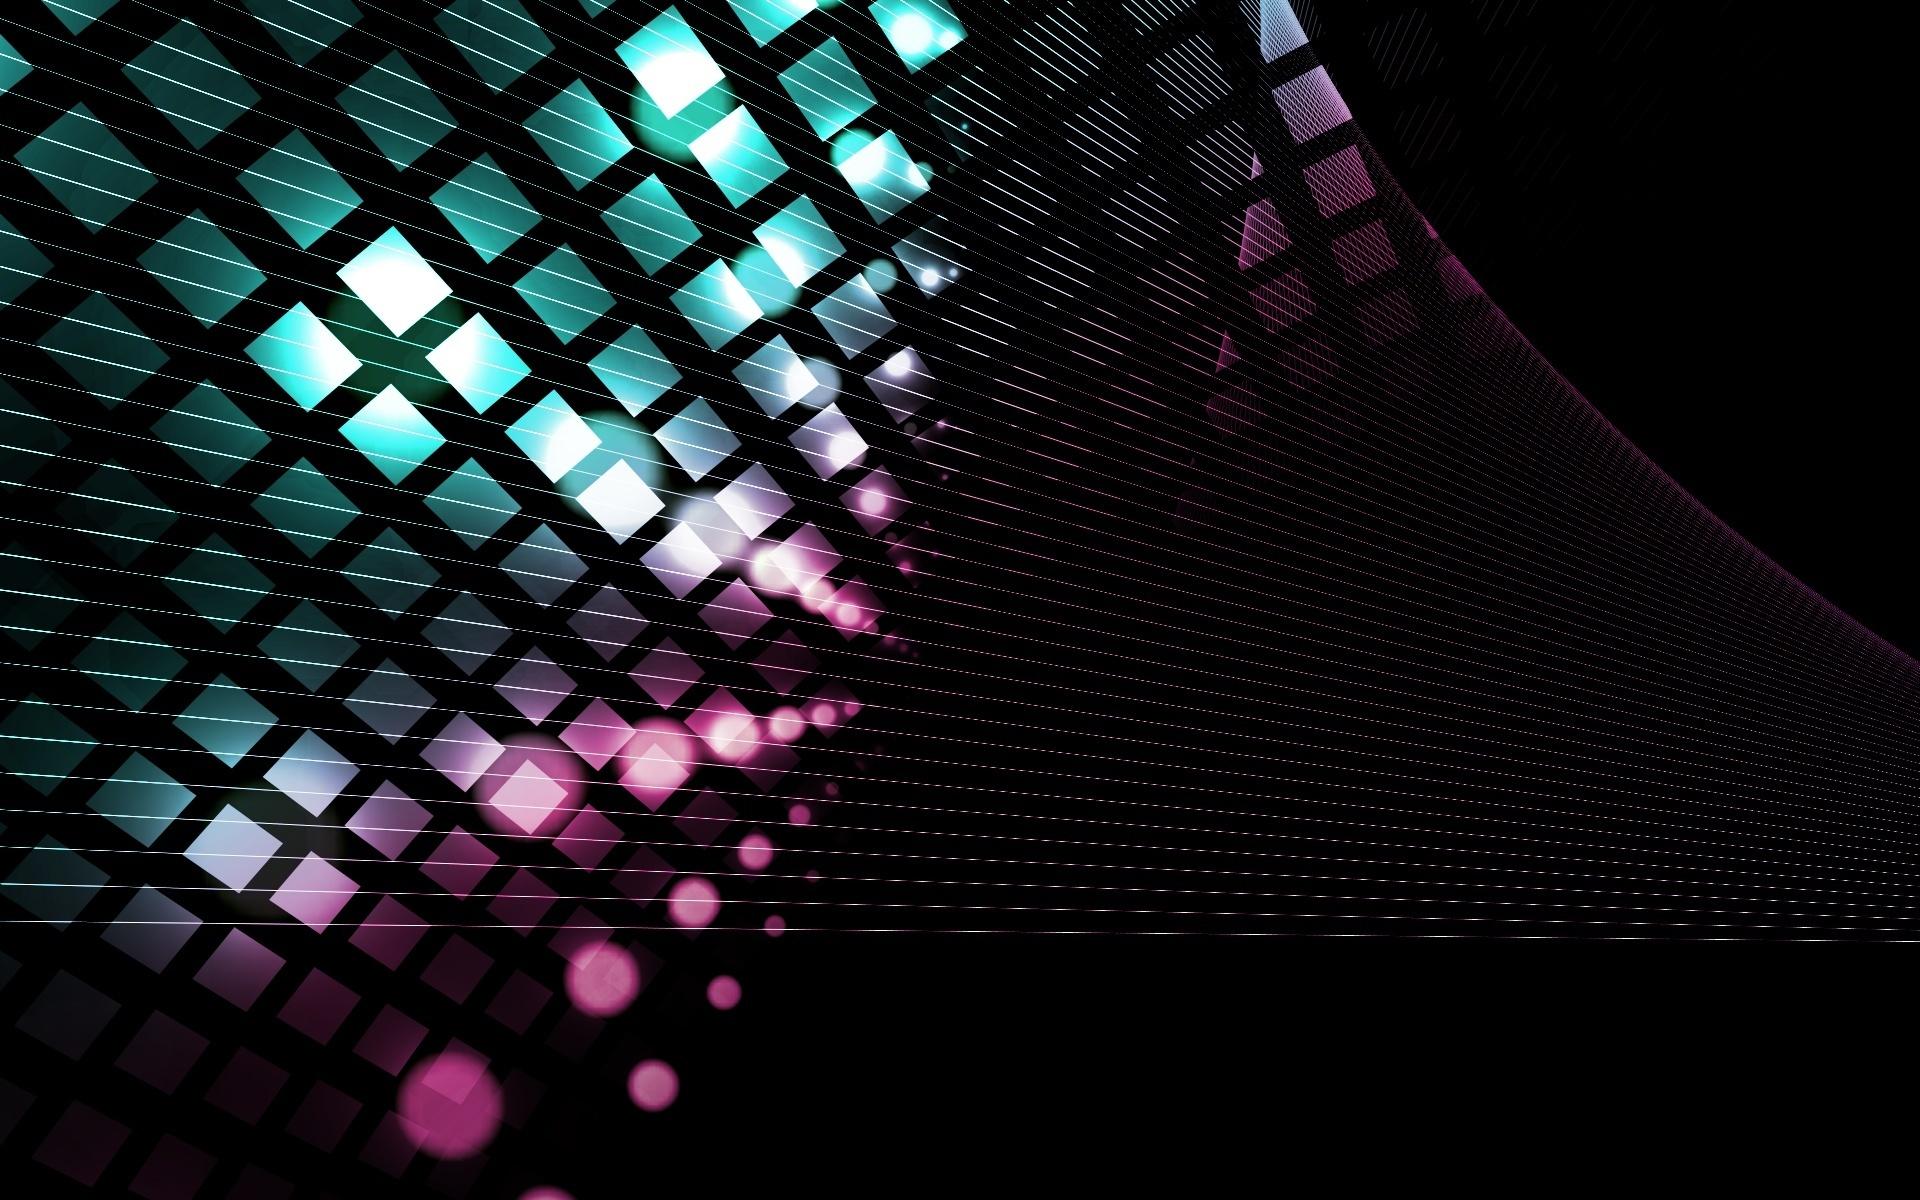 dark pink wallpaper 4 hd wallpaper - hdblackwallpaper